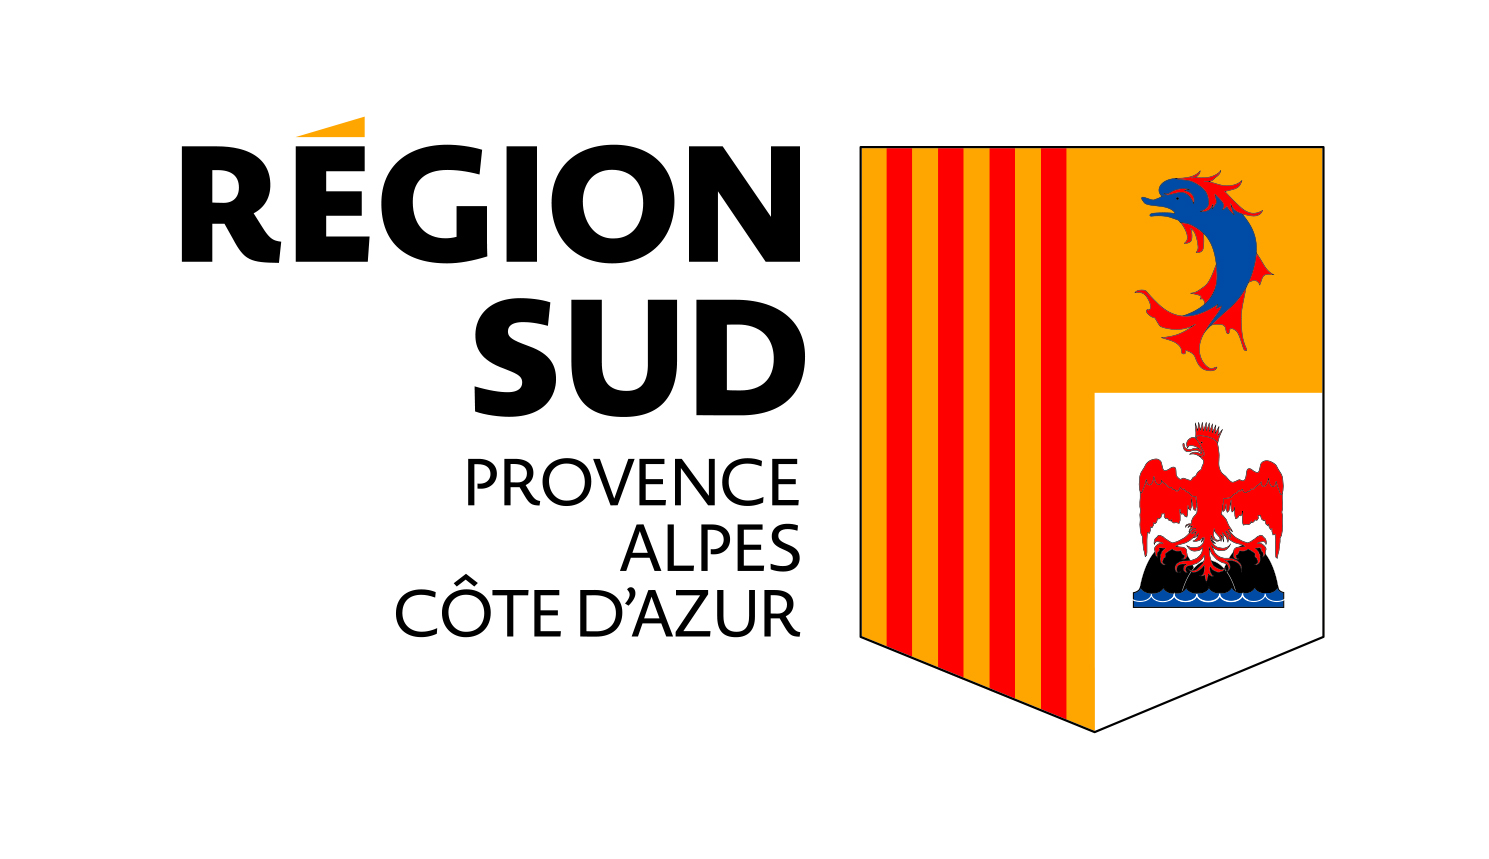 Région_Sud_Provence_Alpes_Côte_d'Azur